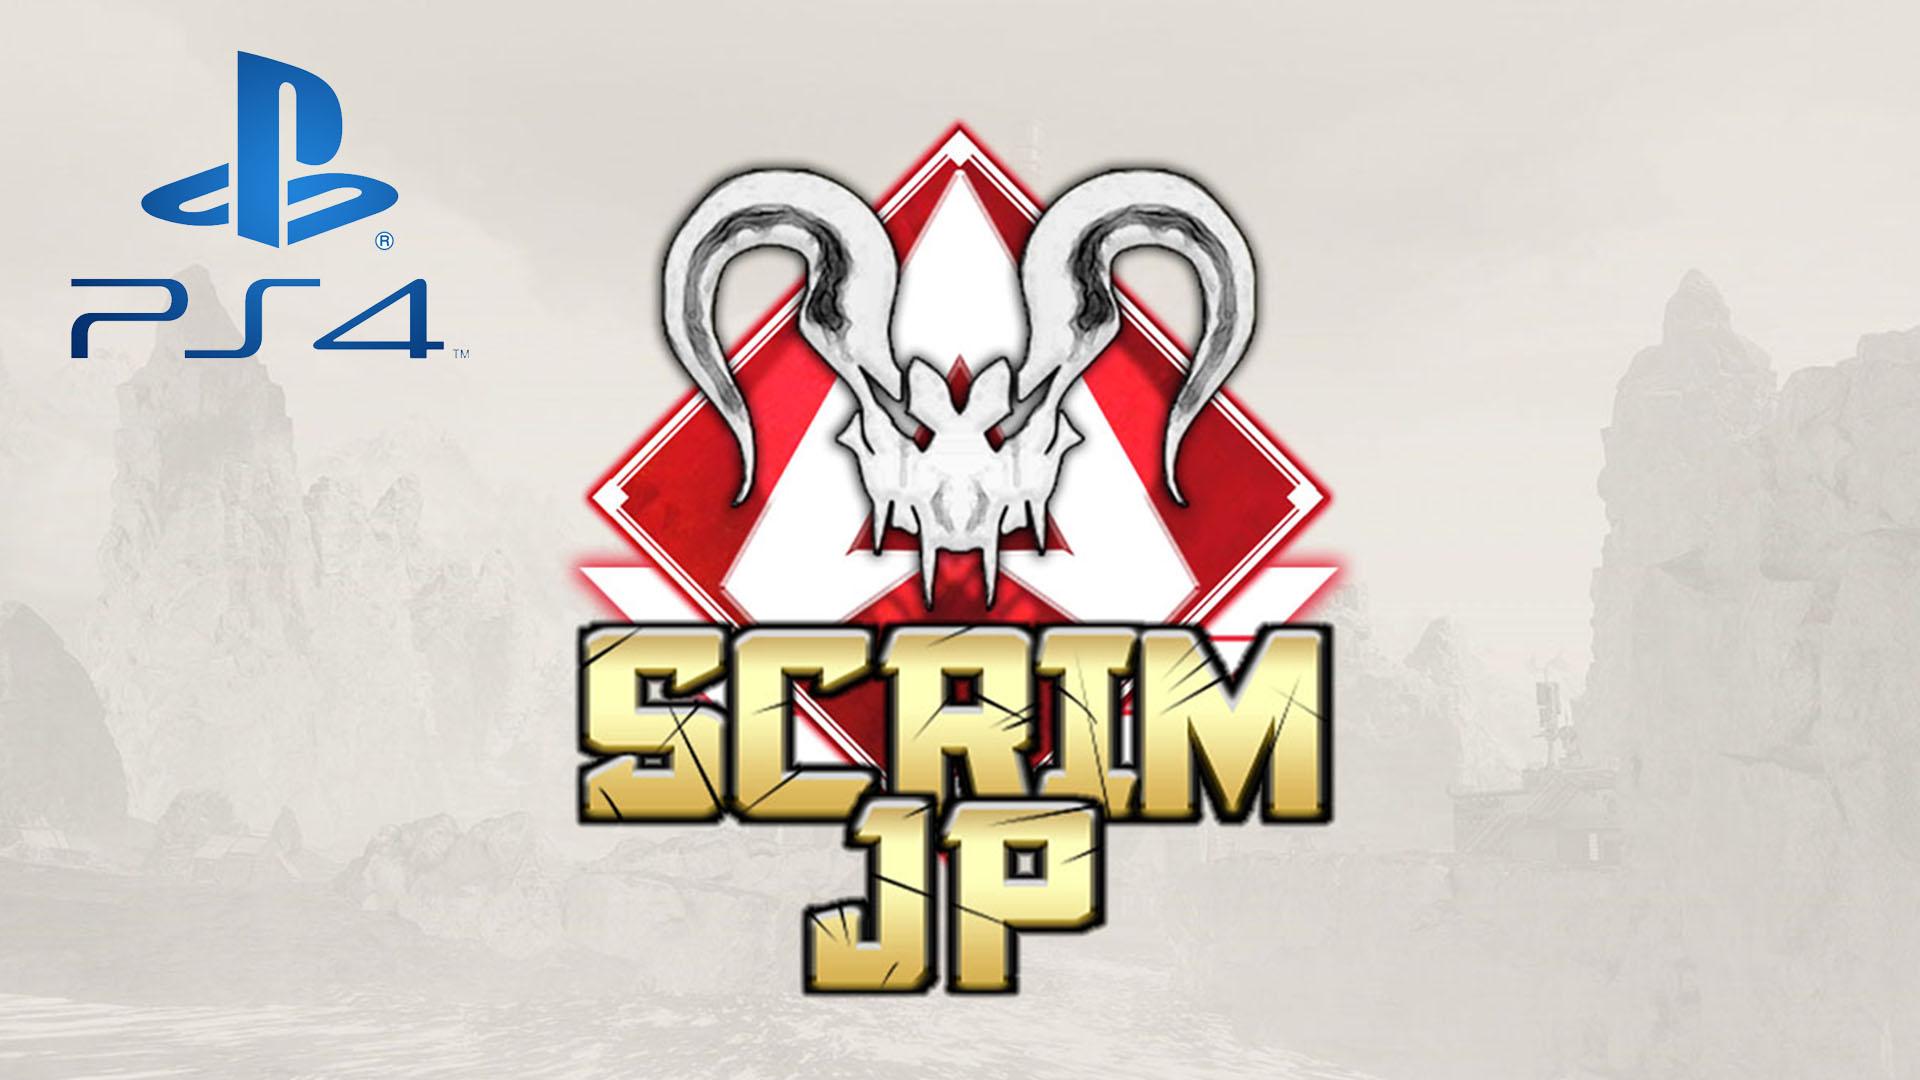 【大会アーカイブ】Apex Legends Scrim JP -Predators PS4-【2020/04/11】(エペ速)